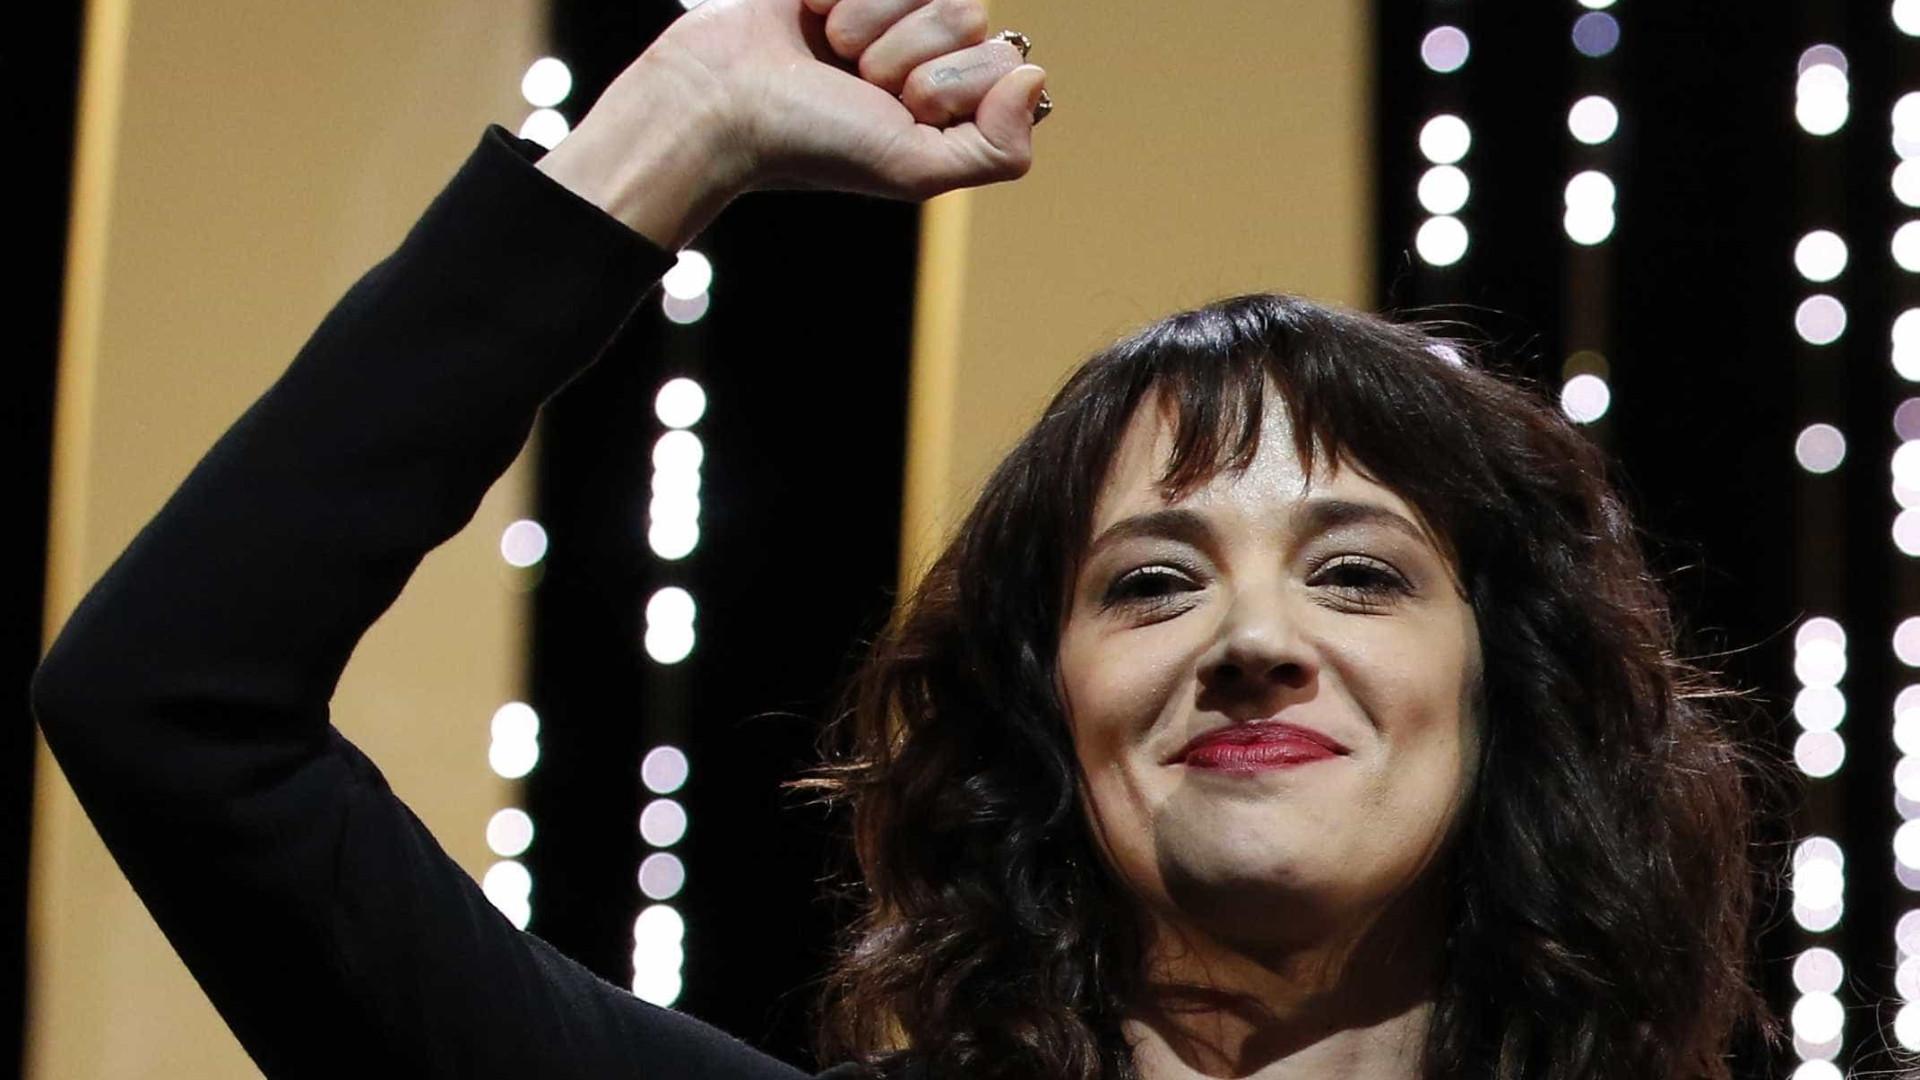 Em Cannes, atriz revela que foi estuprada por produtor de cinema